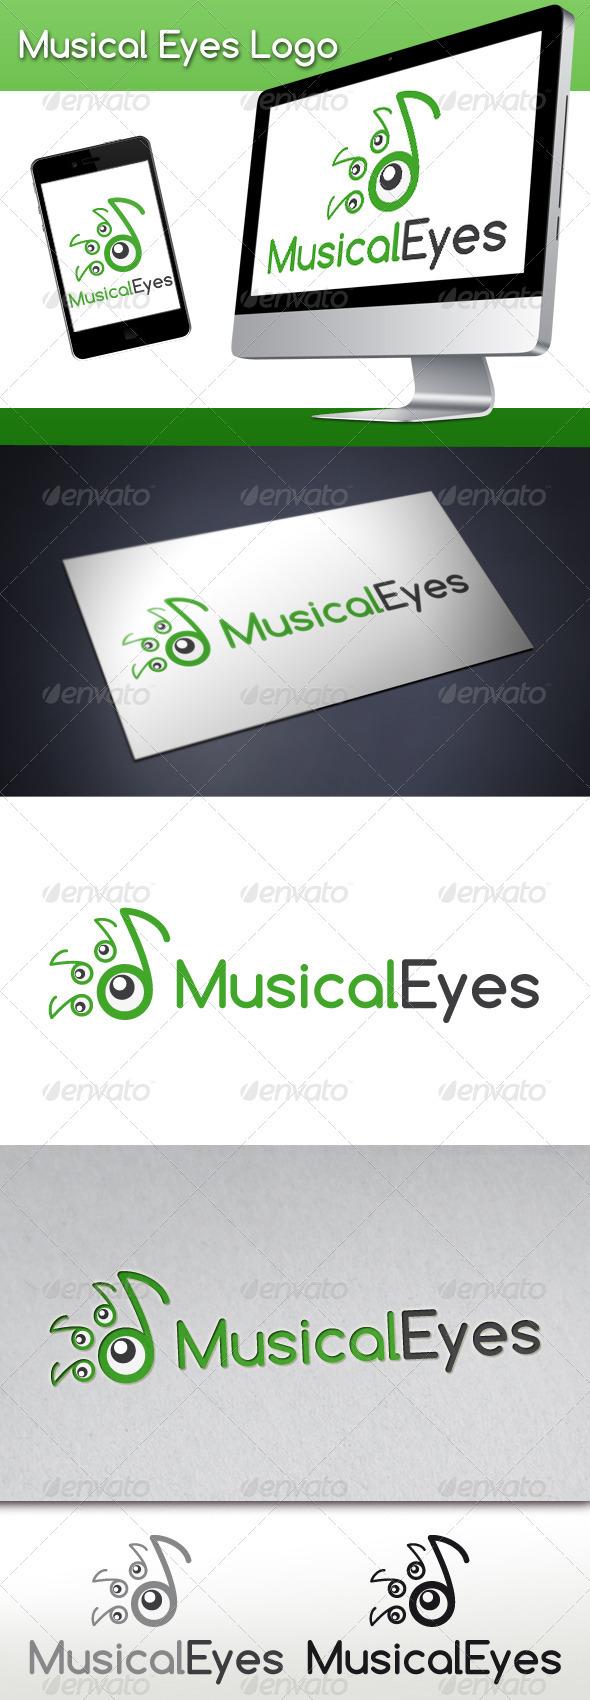 Musical Eyes Logo